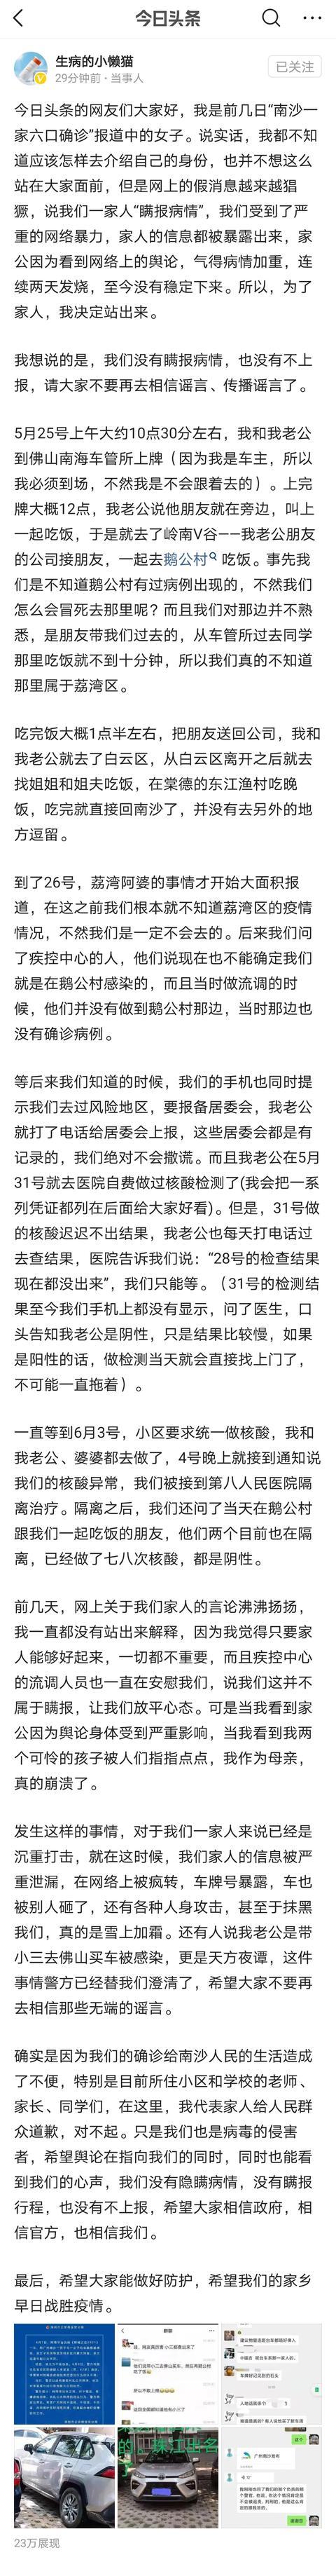 广州南沙一家六口确诊后遭网暴,当事人回应:没有瞒报病情 全球新闻风头榜 第1张